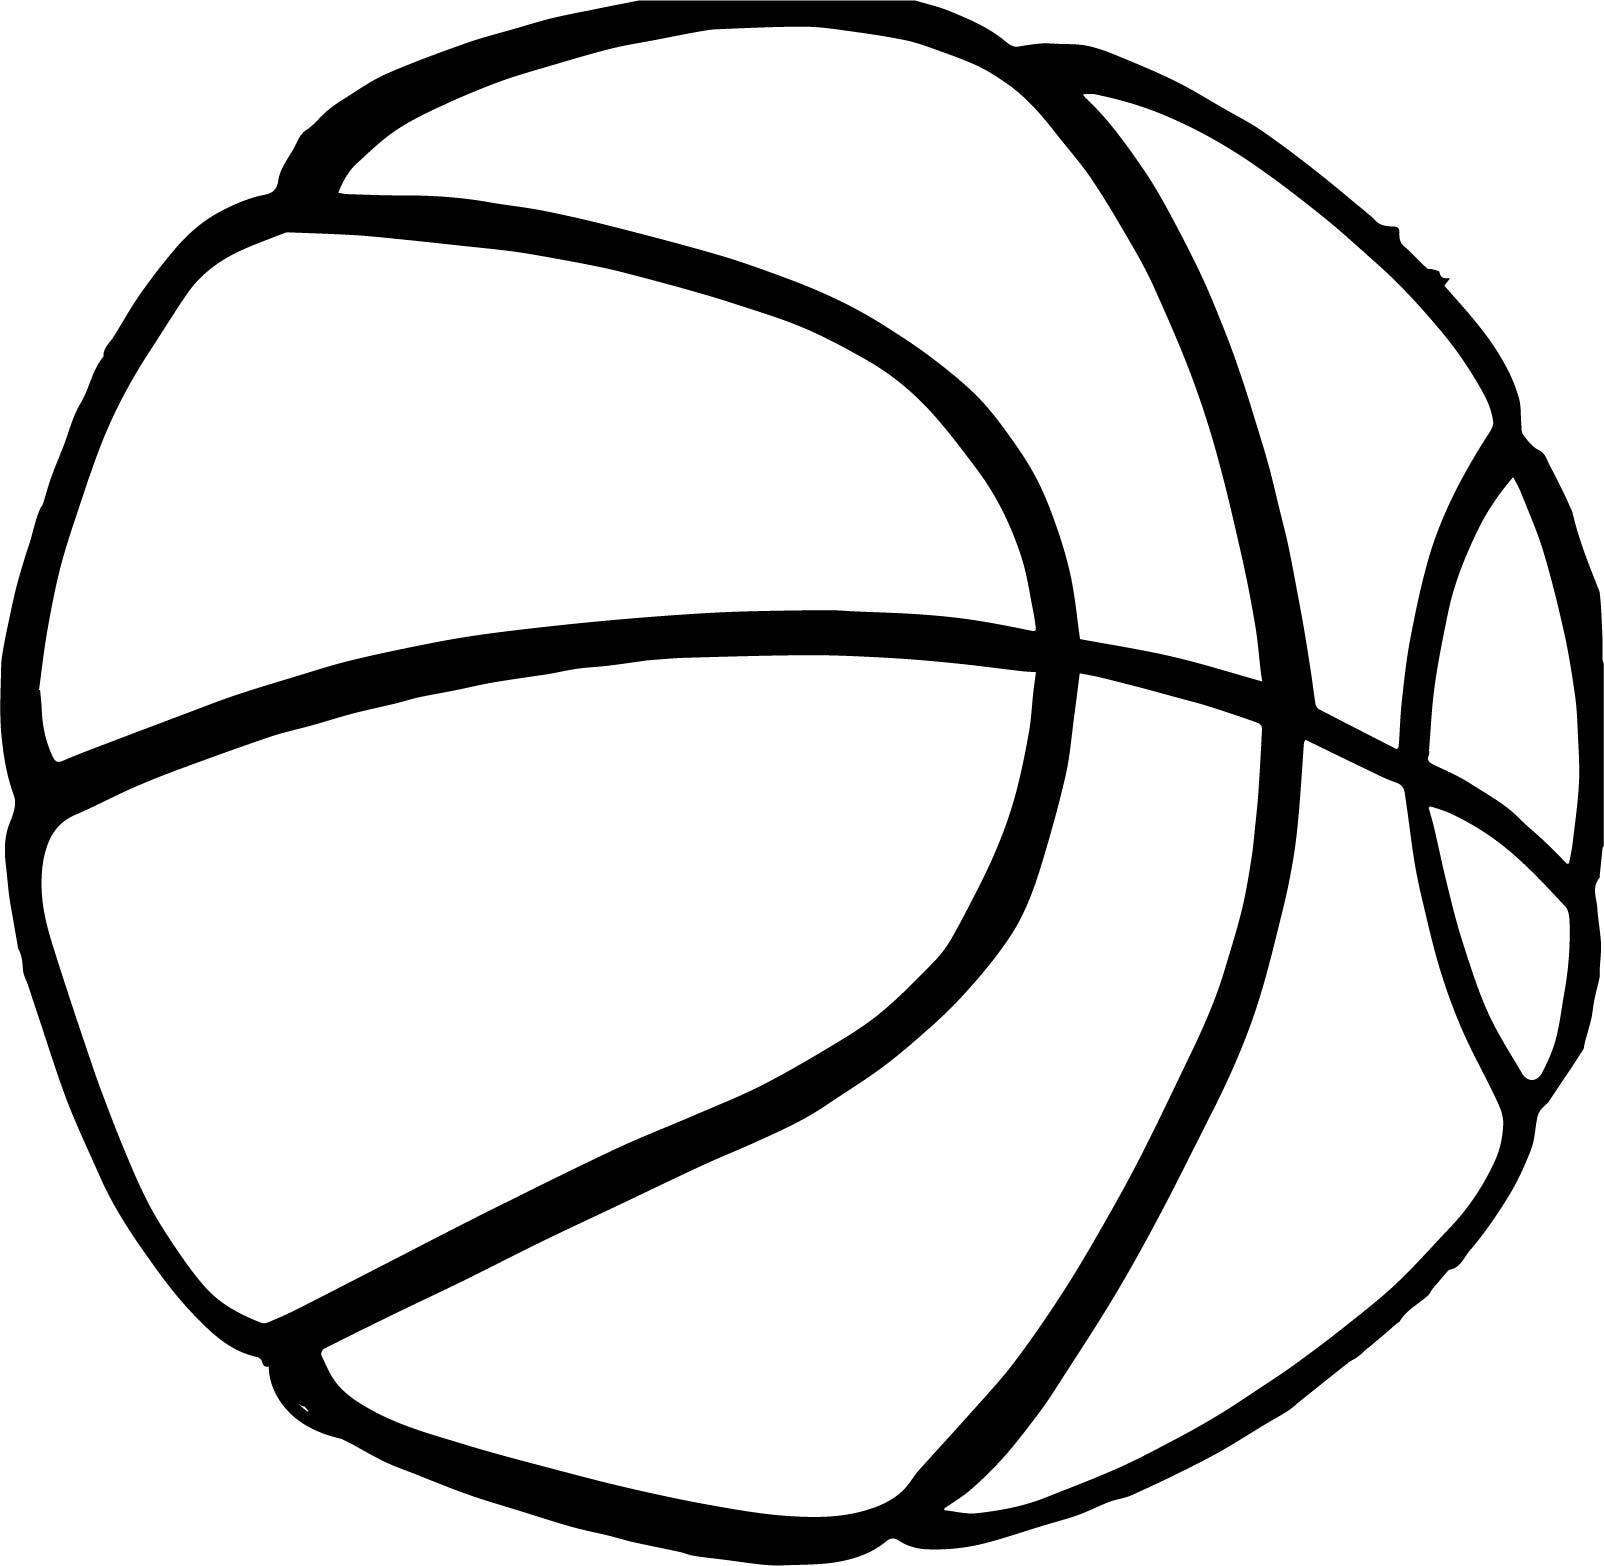 Basketball Hi Ball Playing Basketball Coloring Page